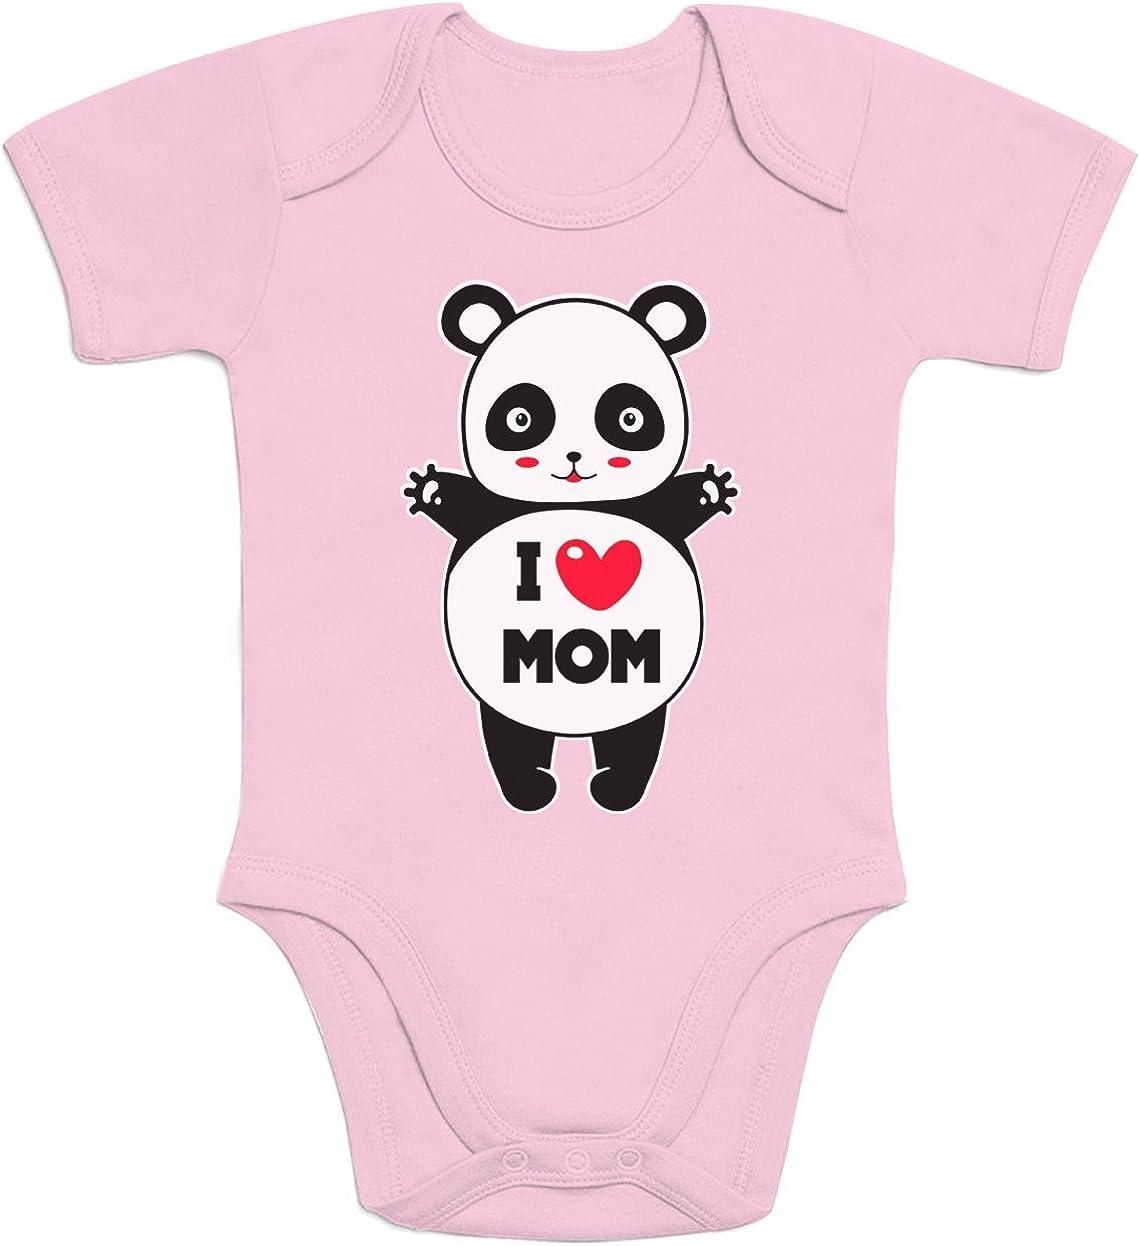 Abbraccio affettuoso Body Neonato Manica Corta Shirtgeil Panda I Love You Mom